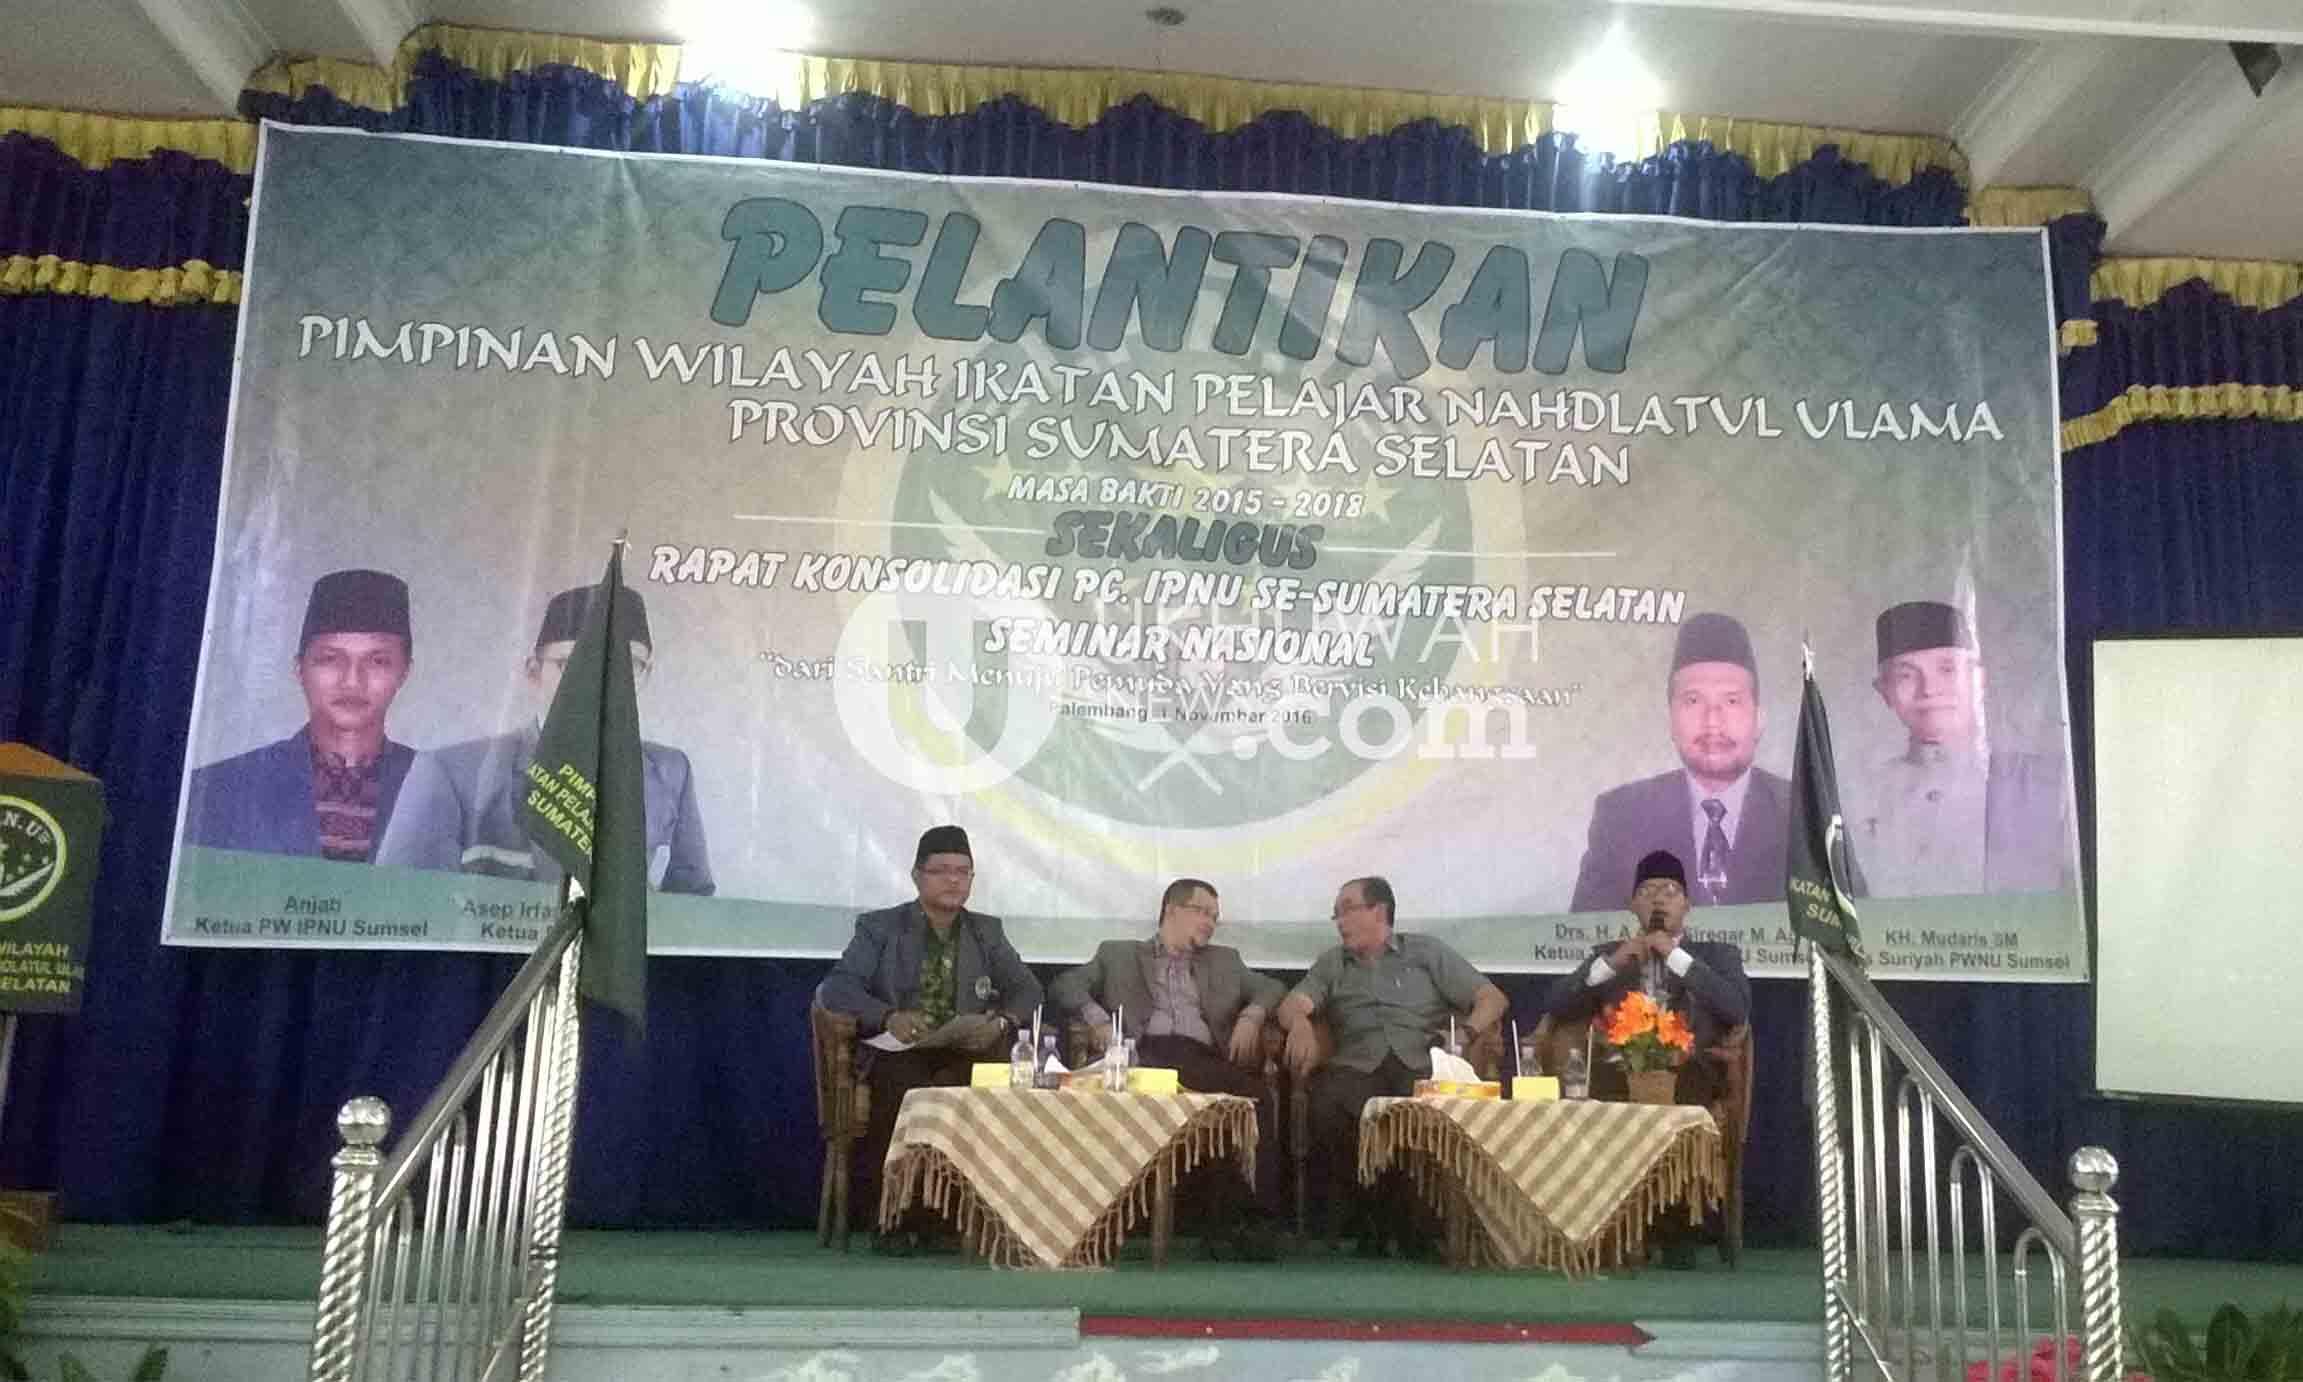 """Pimpinan Pusat Ikatan Pelajar Nahdatul Ulama (IPNU), Asep Irfan Mujahid (paling kanan) sedang memberikan materi pada Seminar nasional bertemakan """"Dari santri menuju pemuda yang bervisi kebangsaan"""". Digelar di Aula MAN 3 Palembang, seminar yang dilakukan merupakan rangkaian agenda dari Pelantikan IPNU Sumatera Selatan. Selasa (1/11). Ukhuwahnews.com/Ellyvon"""